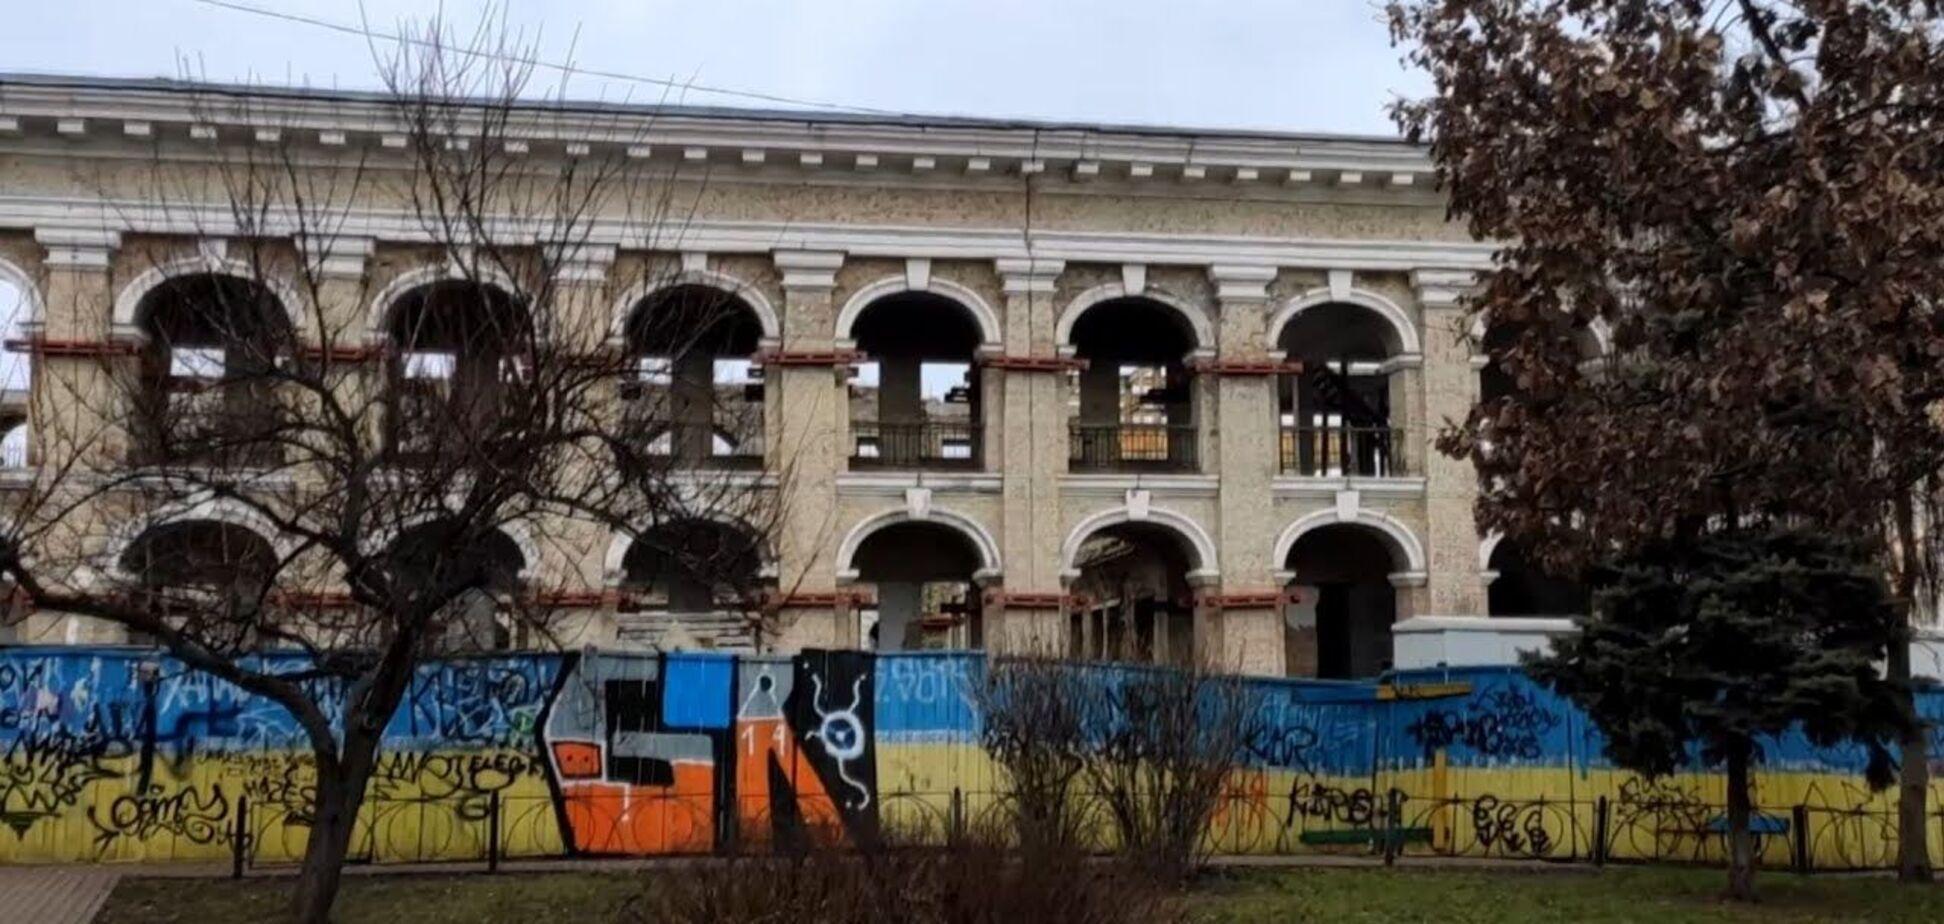 Київські Помпеї, або Як повернути столиці історію величного середньовічного міста